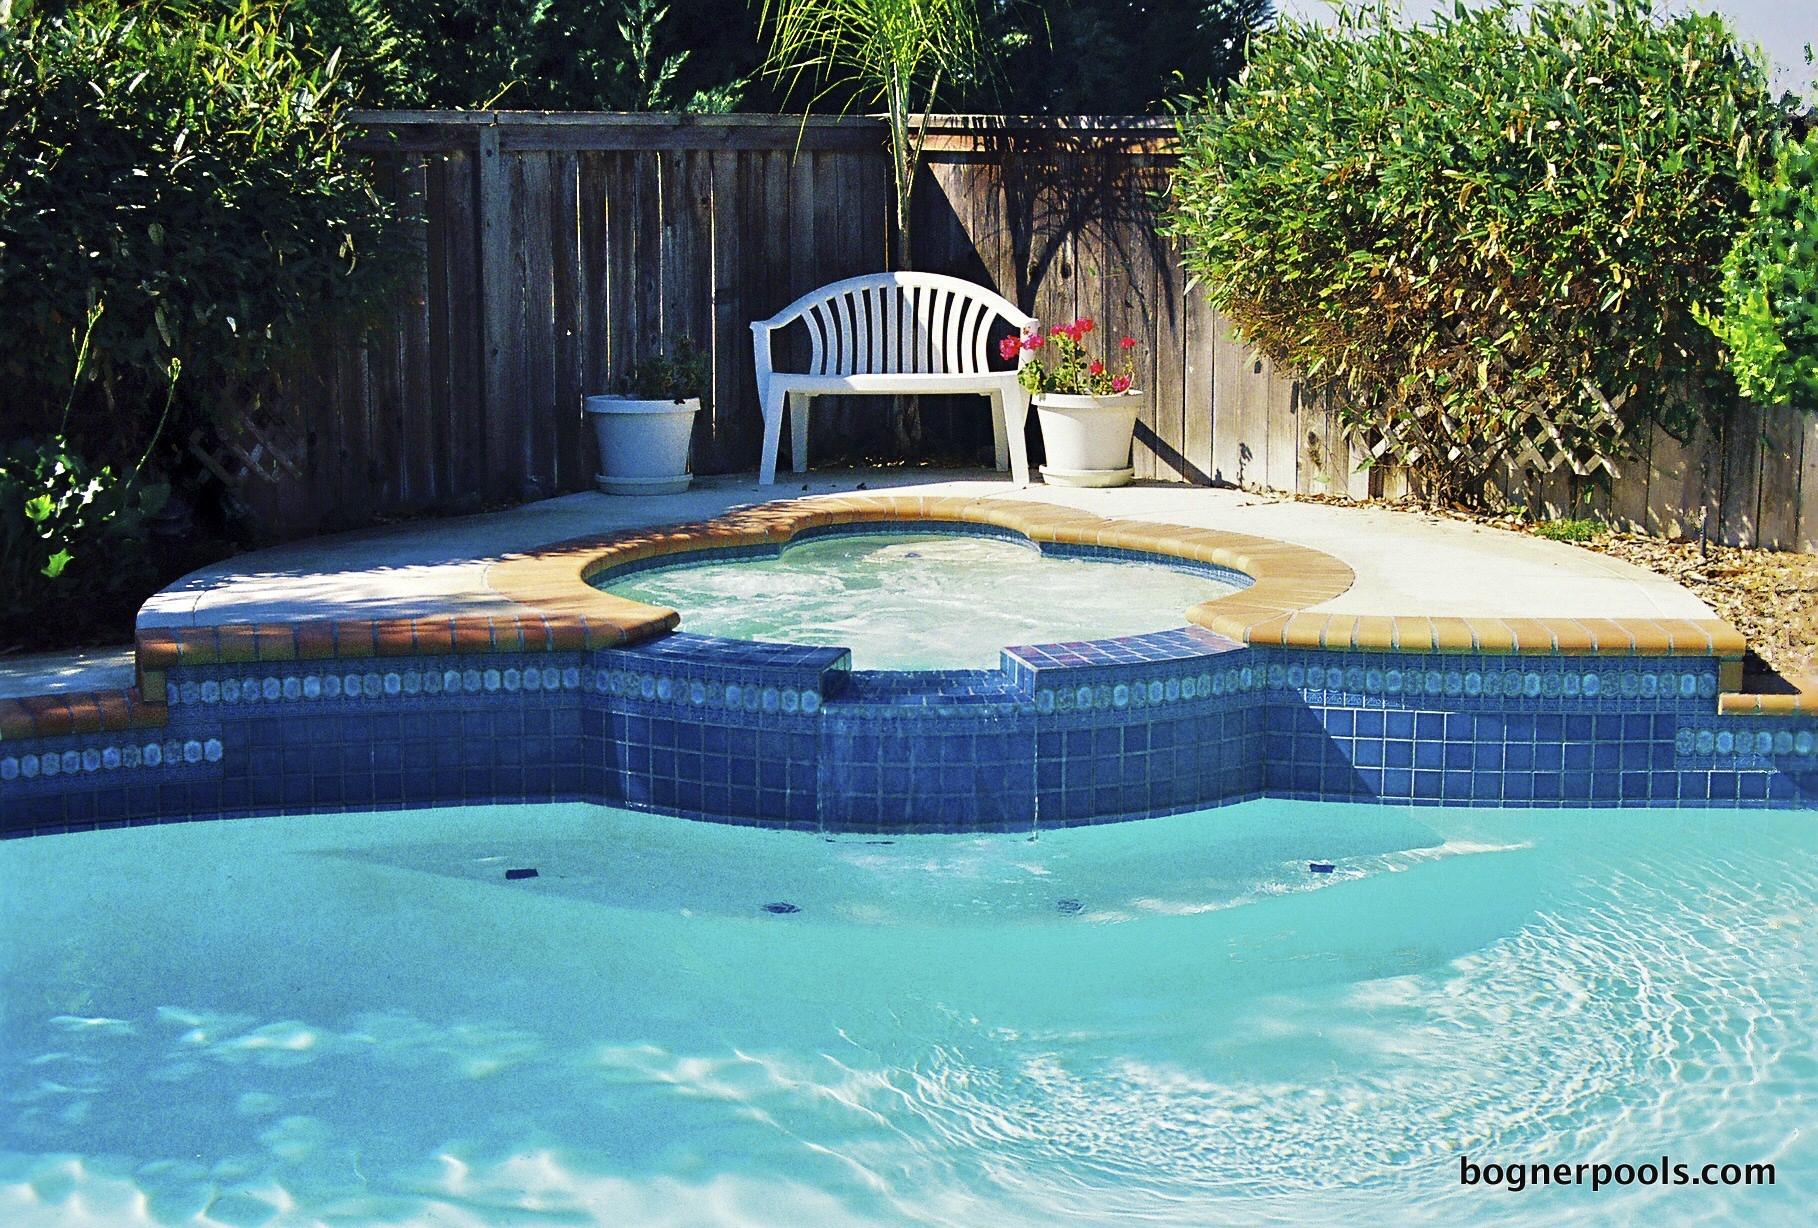 Pool%2520Brick%2520Coping-3_2.jpg